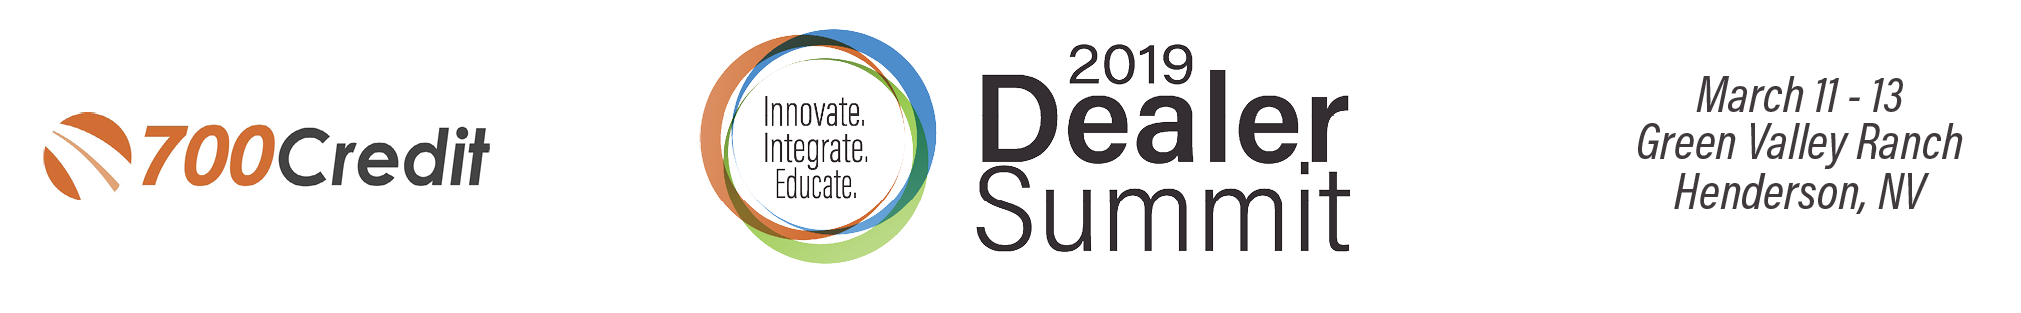 2019 Dealer Summit